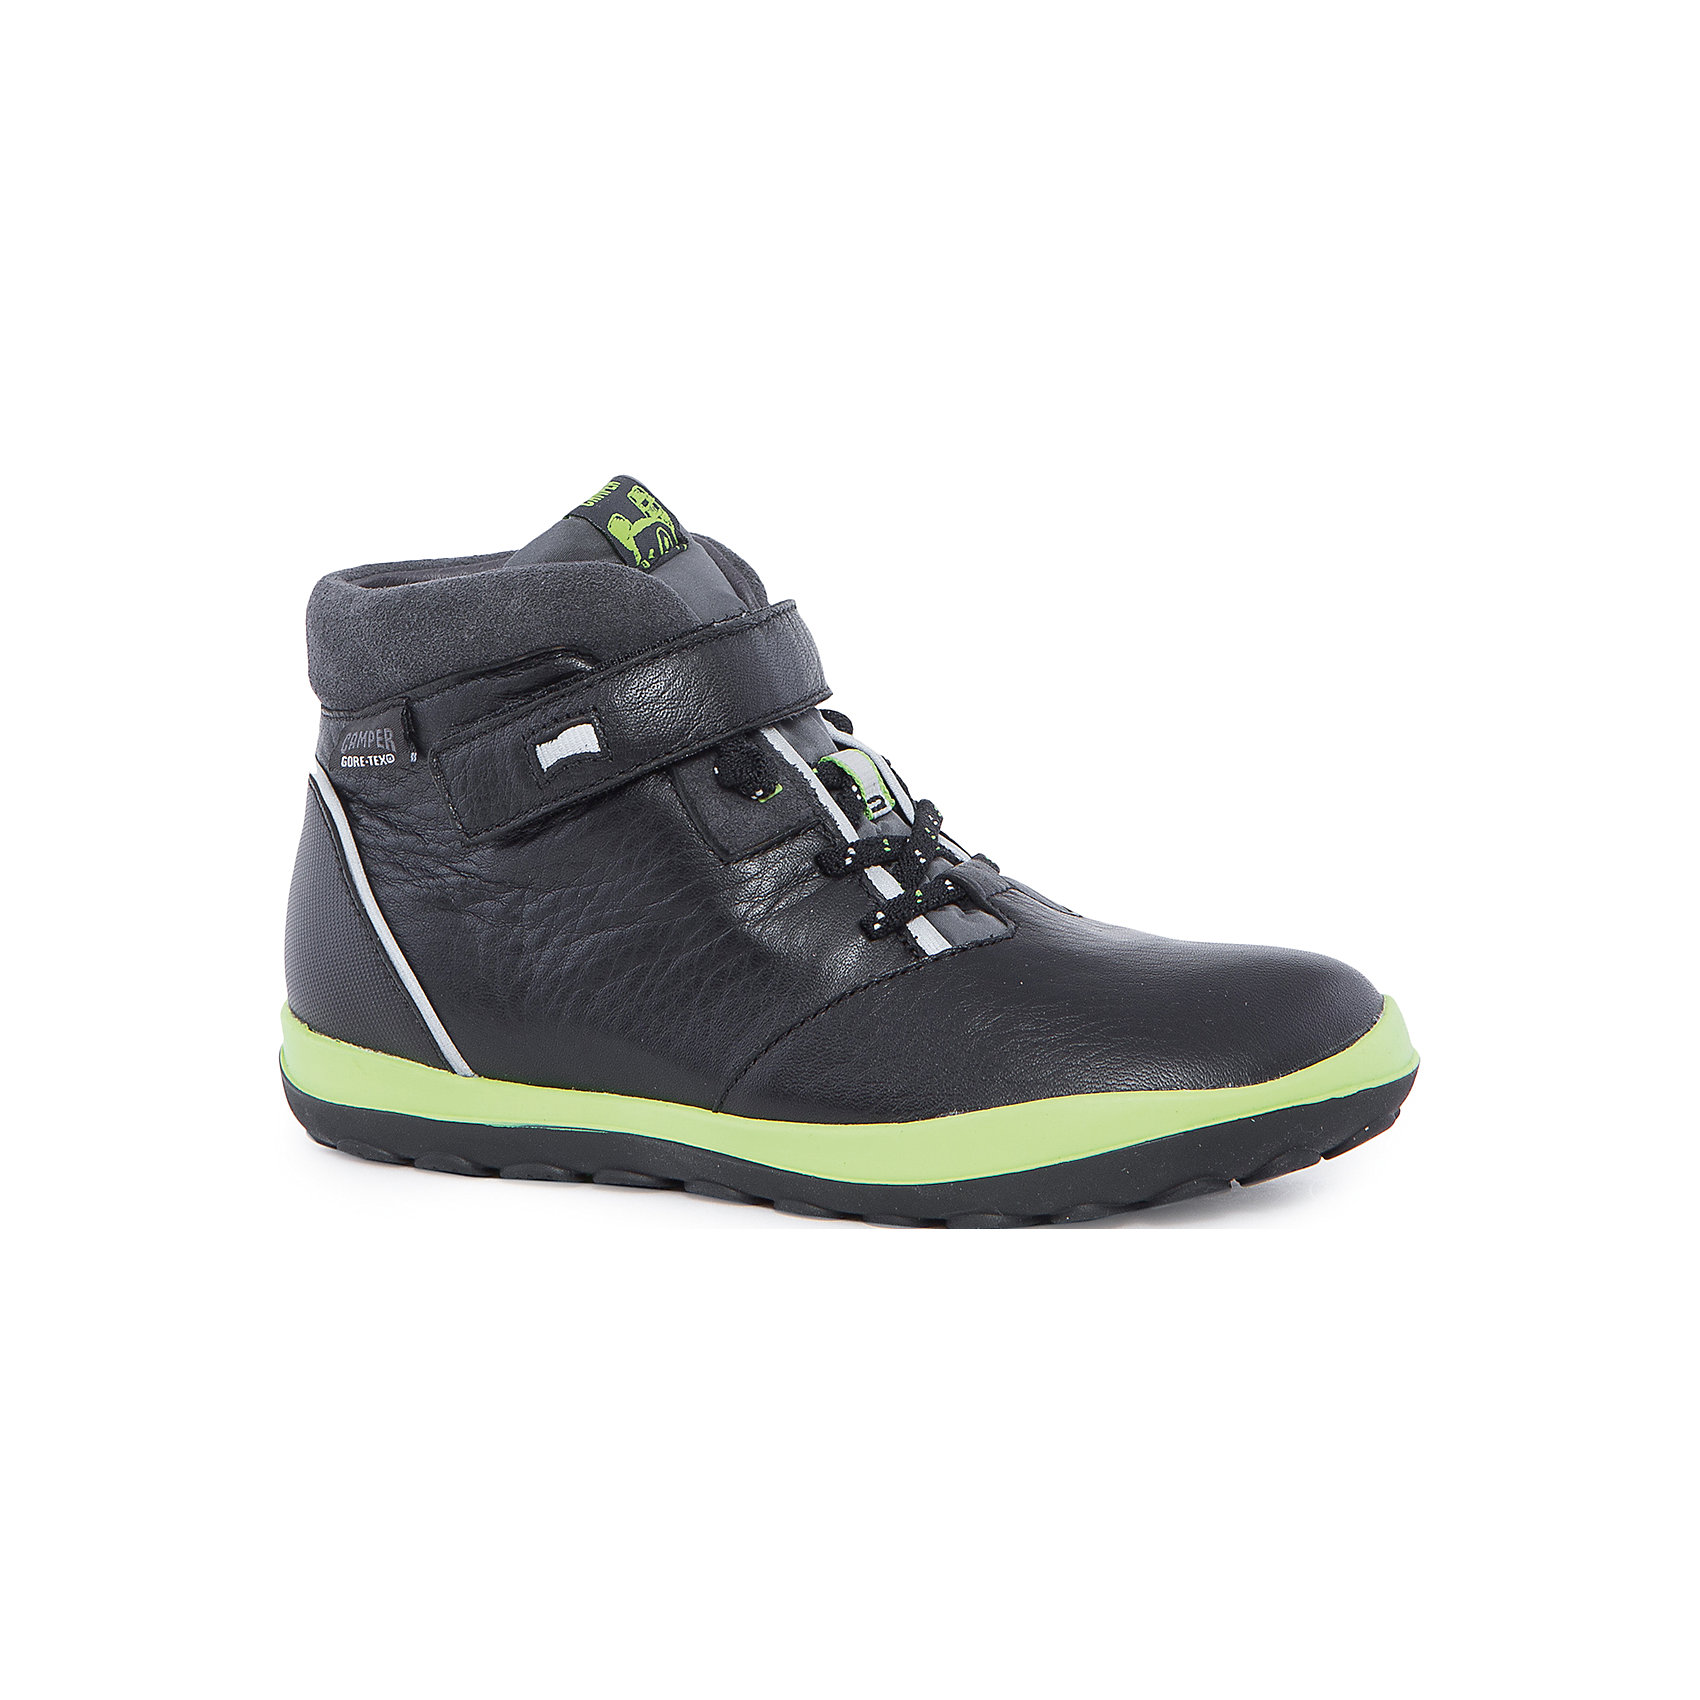 Ботинки для мальчика CamperБотинки<br>Характеристики:<br><br>• Предназначение: повседневная обувь<br>• Сезон: демисезонные<br>• Пол: для мальчика<br>• Цвет: черный, синий, салатовый<br>• Материал верха и стельки: натуральная кожа, текстиль, замша<br>• Материал подошвы: резина<br>• Тип каблука и подошвы: рифленая подошва<br>• Тип застежки: шнурки, ремешки-липучки<br>• Уход: удаление загрязнений мягкой тканью<br><br>Ботинки для мальчика Camper изготовлены испанским торговым брендом, специализирующимся на производстве обуви премиум-класса. Детская обувь Camper учитывает анатомические особенности детской растущей ноги, поэтому она изготавливается исключительно из натуральной кожи. Ботинки выполнены из сочетания гладкой кожи и замши, все элементы верха прошиты, имеется ортопедическая стелька. Эта модель ботинок выполнена с повышенными влагостойкими и антискользящими свойствами, имеет дополнительное утепление. Ботинки выполнены в дизайне детской линии от Camper – Peu Pista, которая отличается спортивным дизайном и яркими элементами, анатомической формой и повышенными комфортными свойствами. <br><br>Ботинки для мальчика Camper можно купить в нашем интернет-магазине.<br><br>Ширина мм: 262<br>Глубина мм: 176<br>Высота мм: 97<br>Вес г: 427<br>Цвет: черный<br>Возраст от месяцев: 156<br>Возраст до месяцев: 1188<br>Пол: Мужской<br>Возраст: Детский<br>Размер: 38,34,31,32,36,35,37,33<br>SKU: 4974998